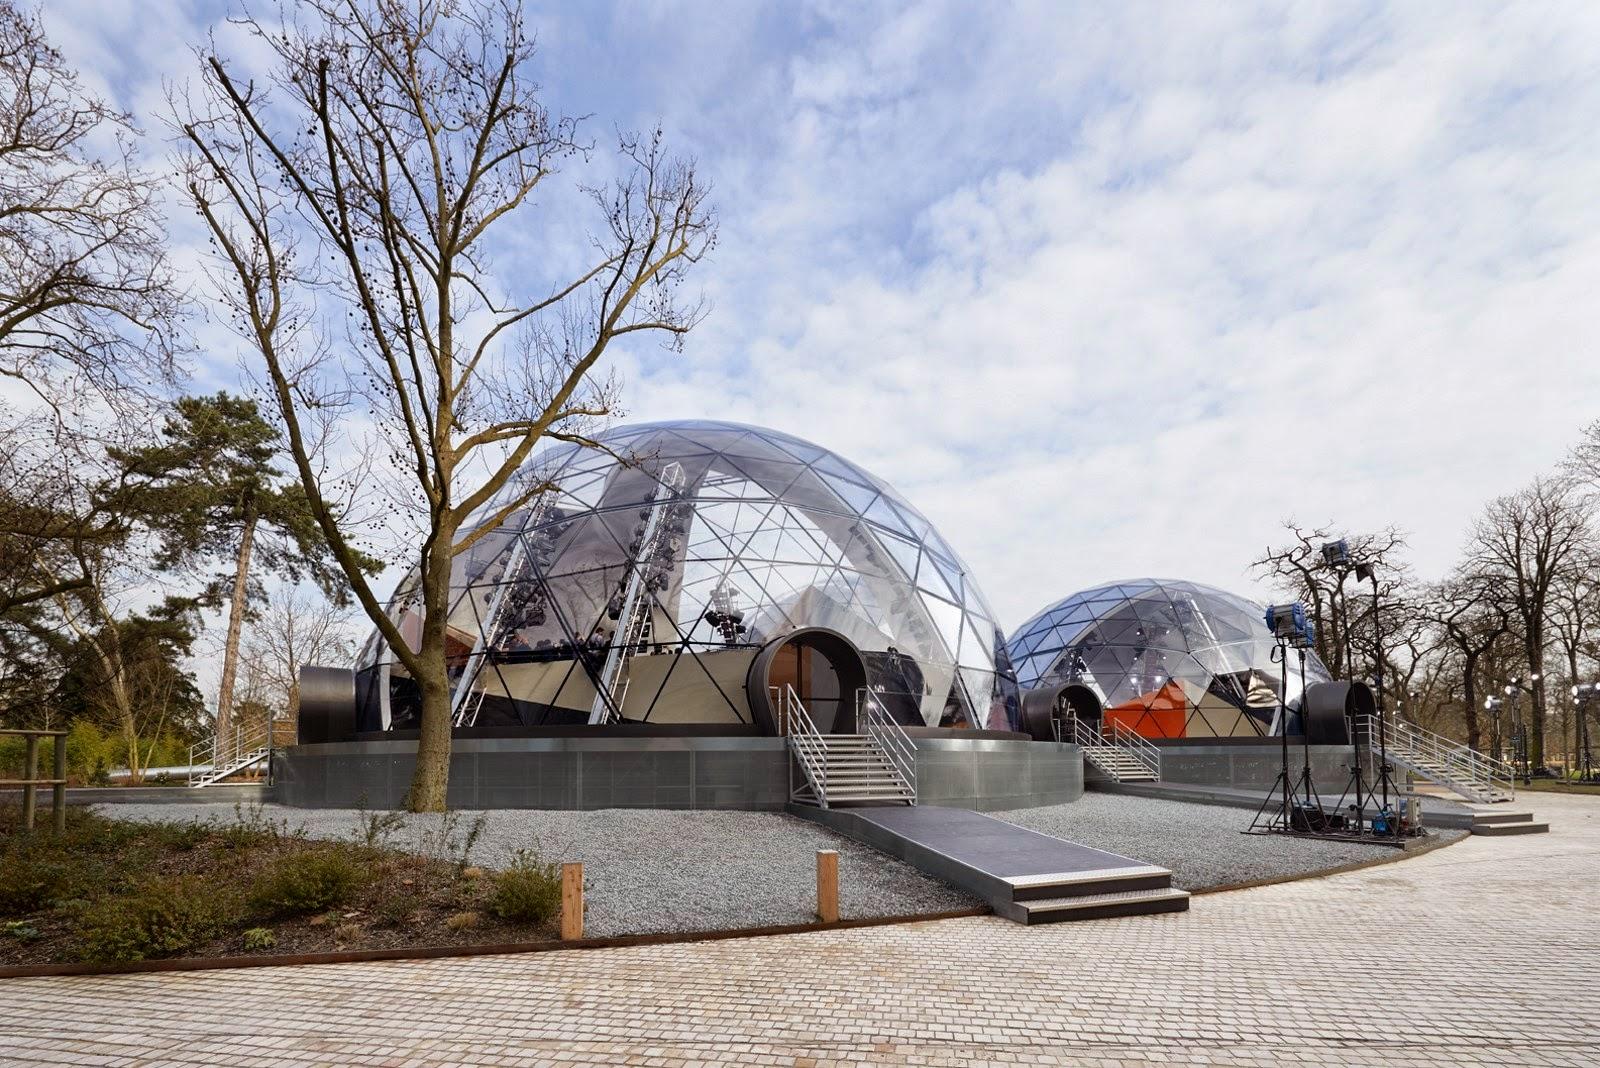 Dômes Louis Vuitton, Fondation Louis Vuitton, dudessinauxpodiums, du dessin aux podiums, LVdome, dômes géodésiques, dômes géodésiques Louis Vuitton